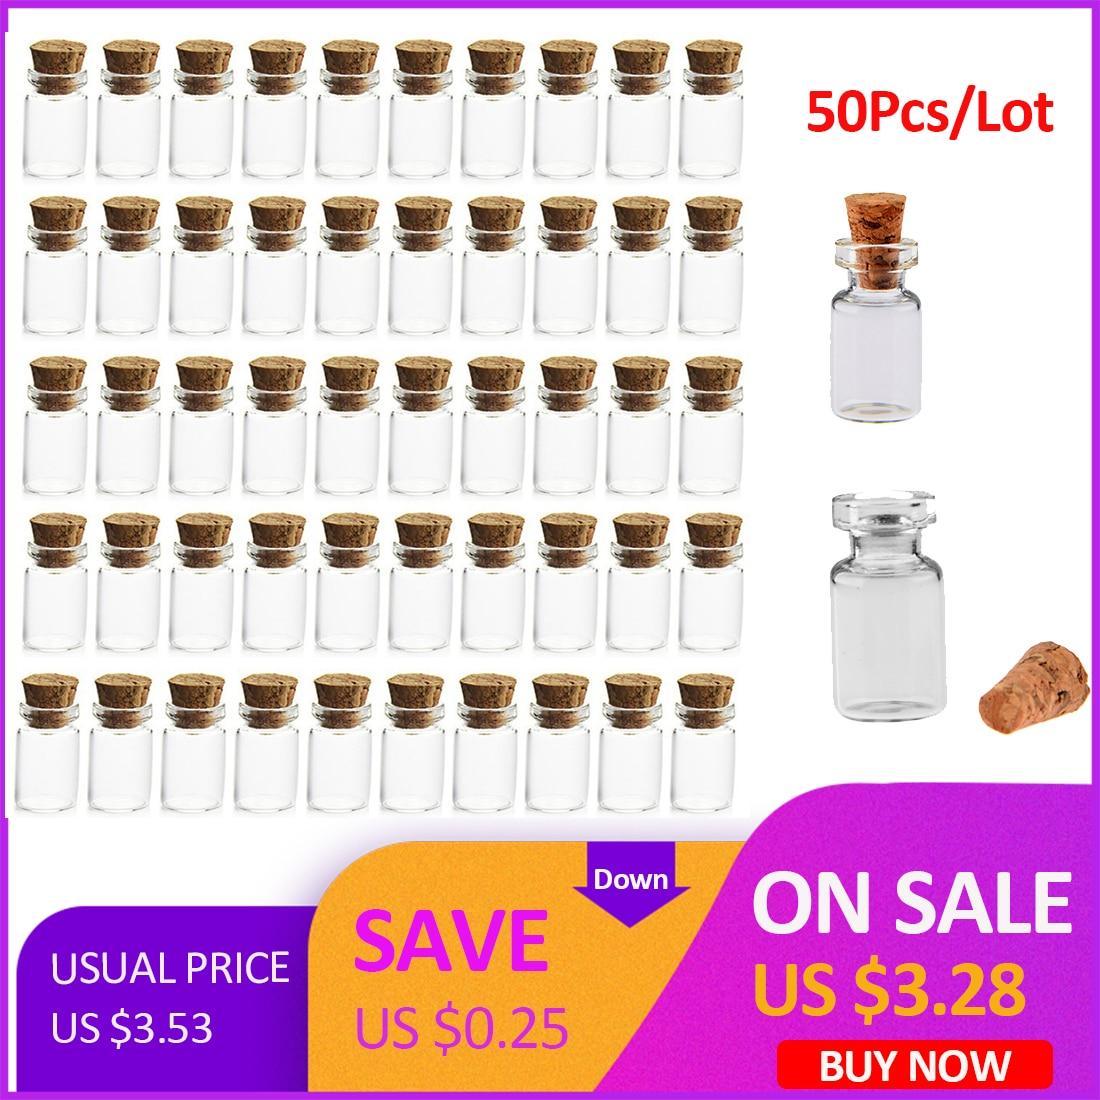 Grossistpris Mini Klar Glasflaskor Flaskor tomma provburkar med stoppar Meddelande Flaskbröllop Önskeflaska Hot Sale